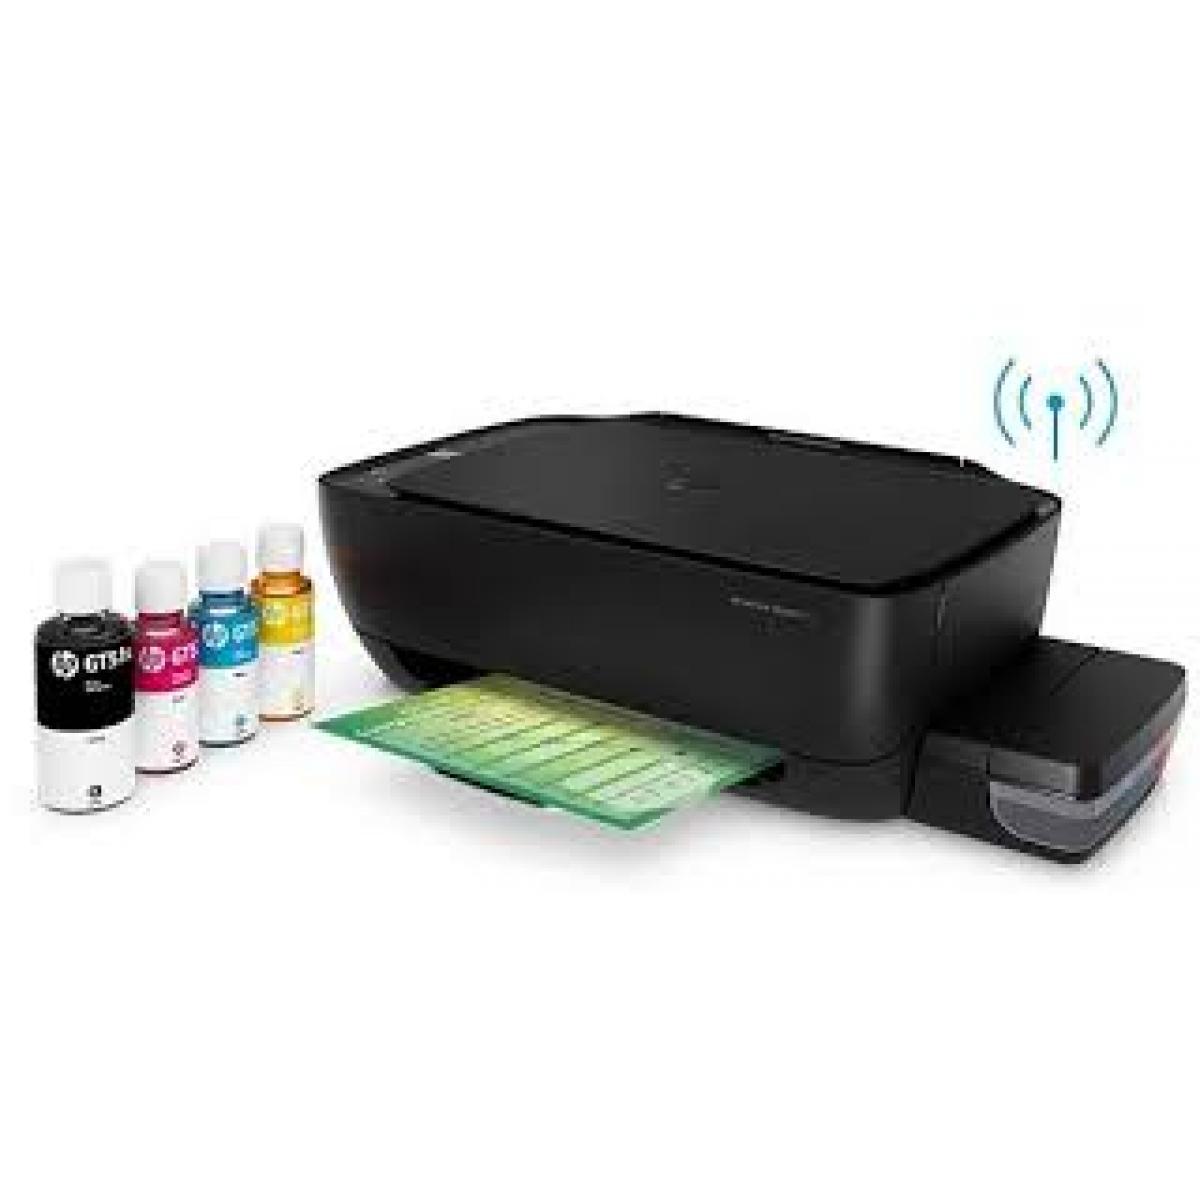 hp officejet 6000 wireless printer manual